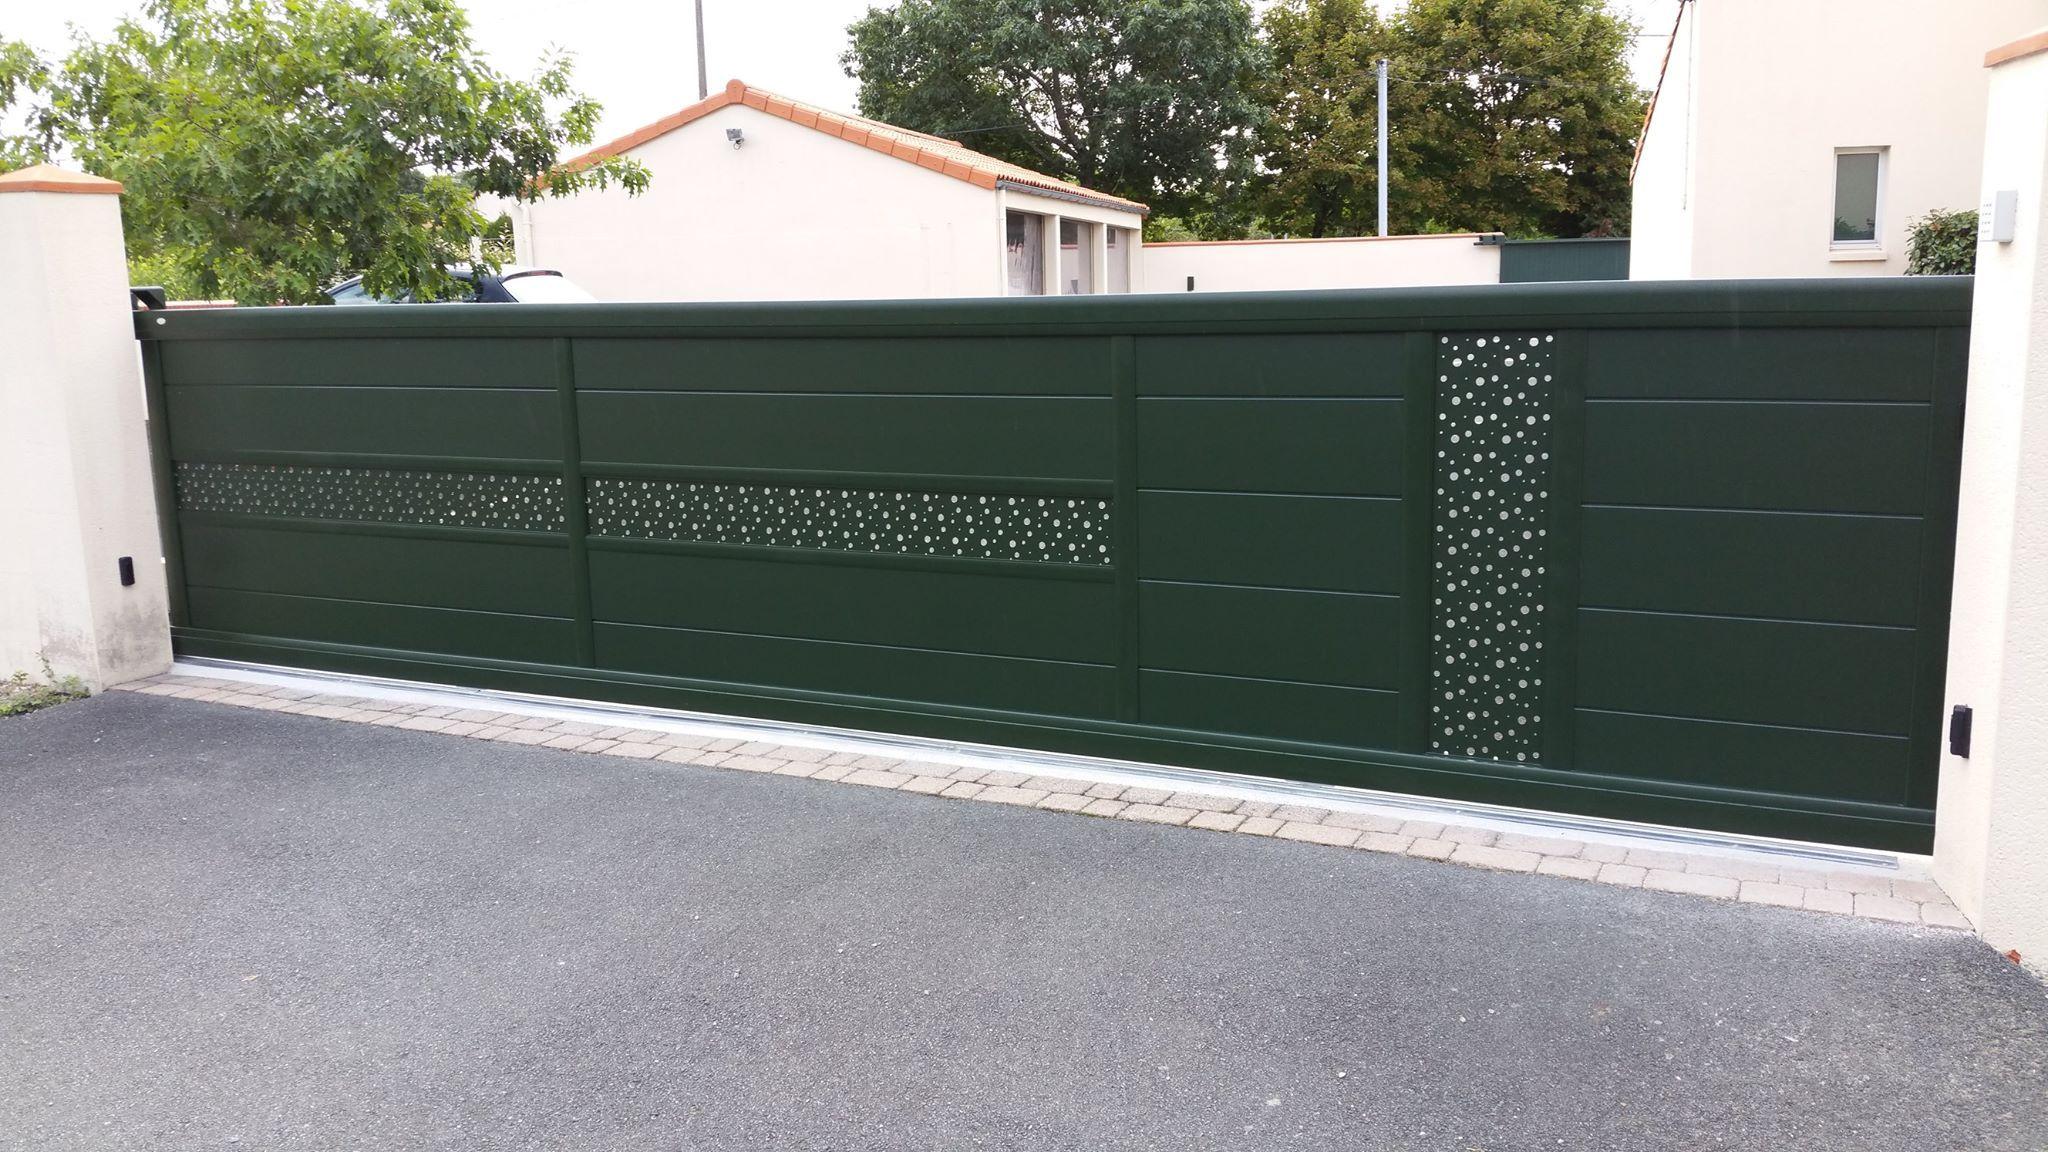 Portail Coulissant Aluminium Gamme Signature Decor Tole Perforee Bulle De Savon Lapeyre Portail Portail Coulissant Portail Alu